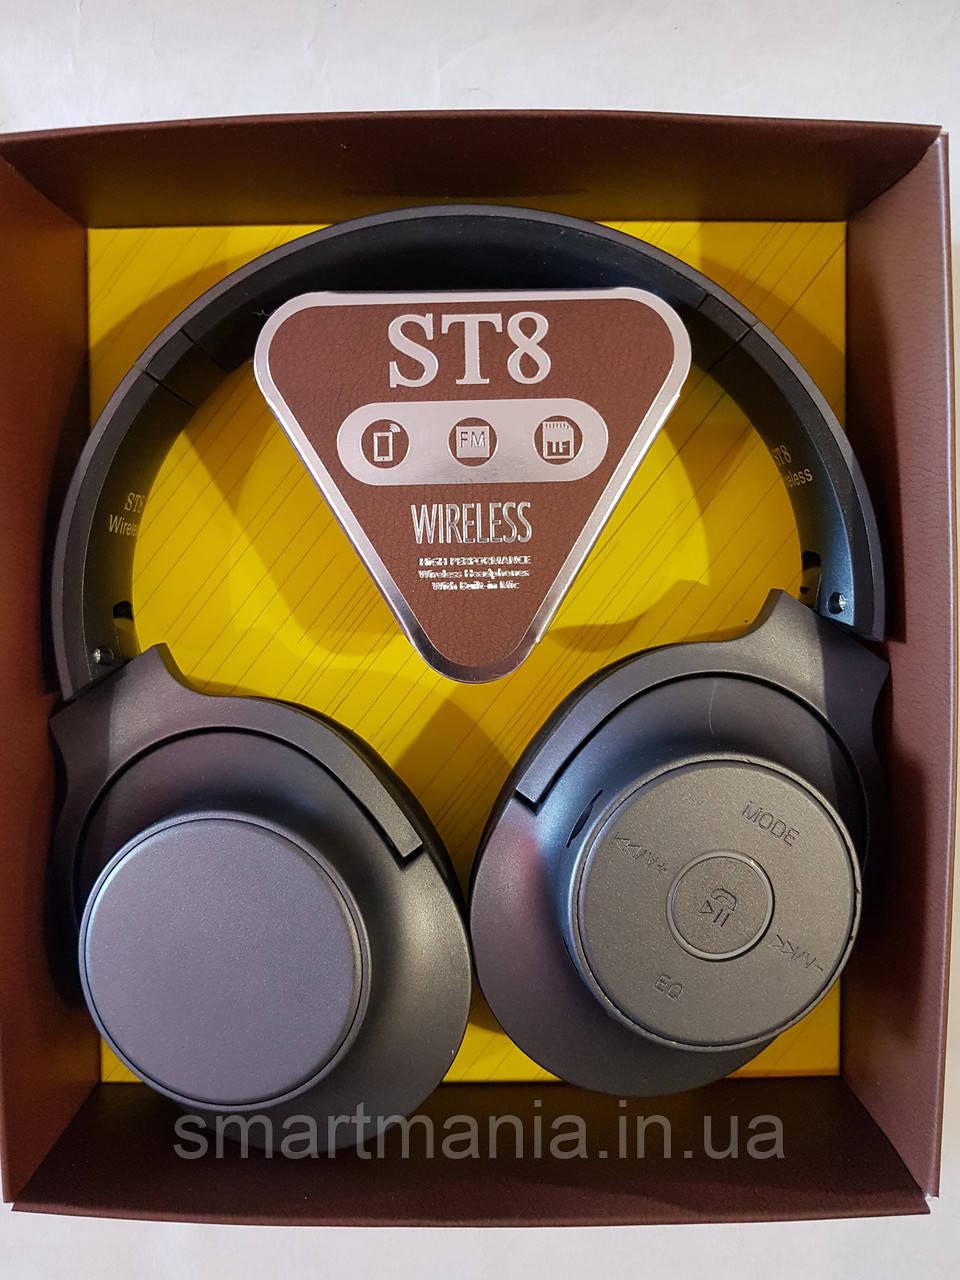 Навушники безпровідні Bluetooth Wireless ST8 FM, TF-CARD